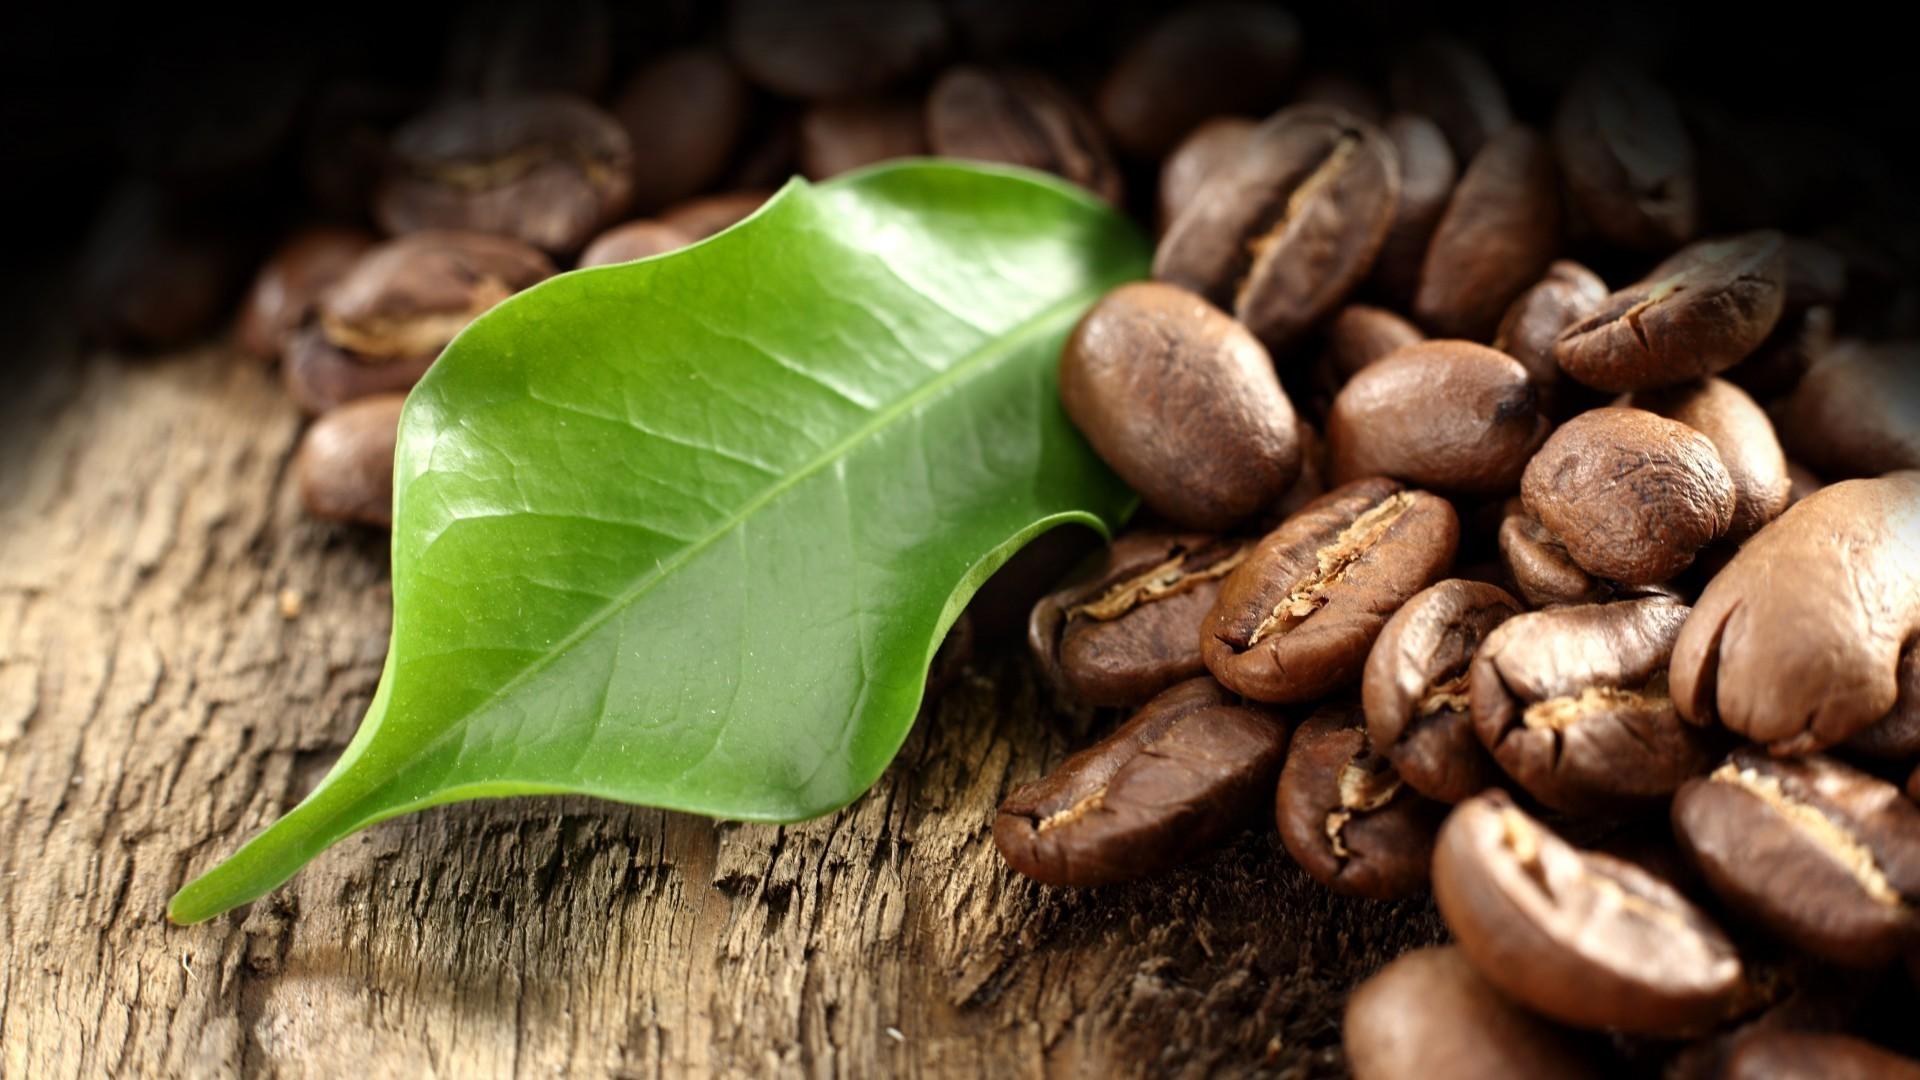 Кофе зерна  № 142016 загрузить